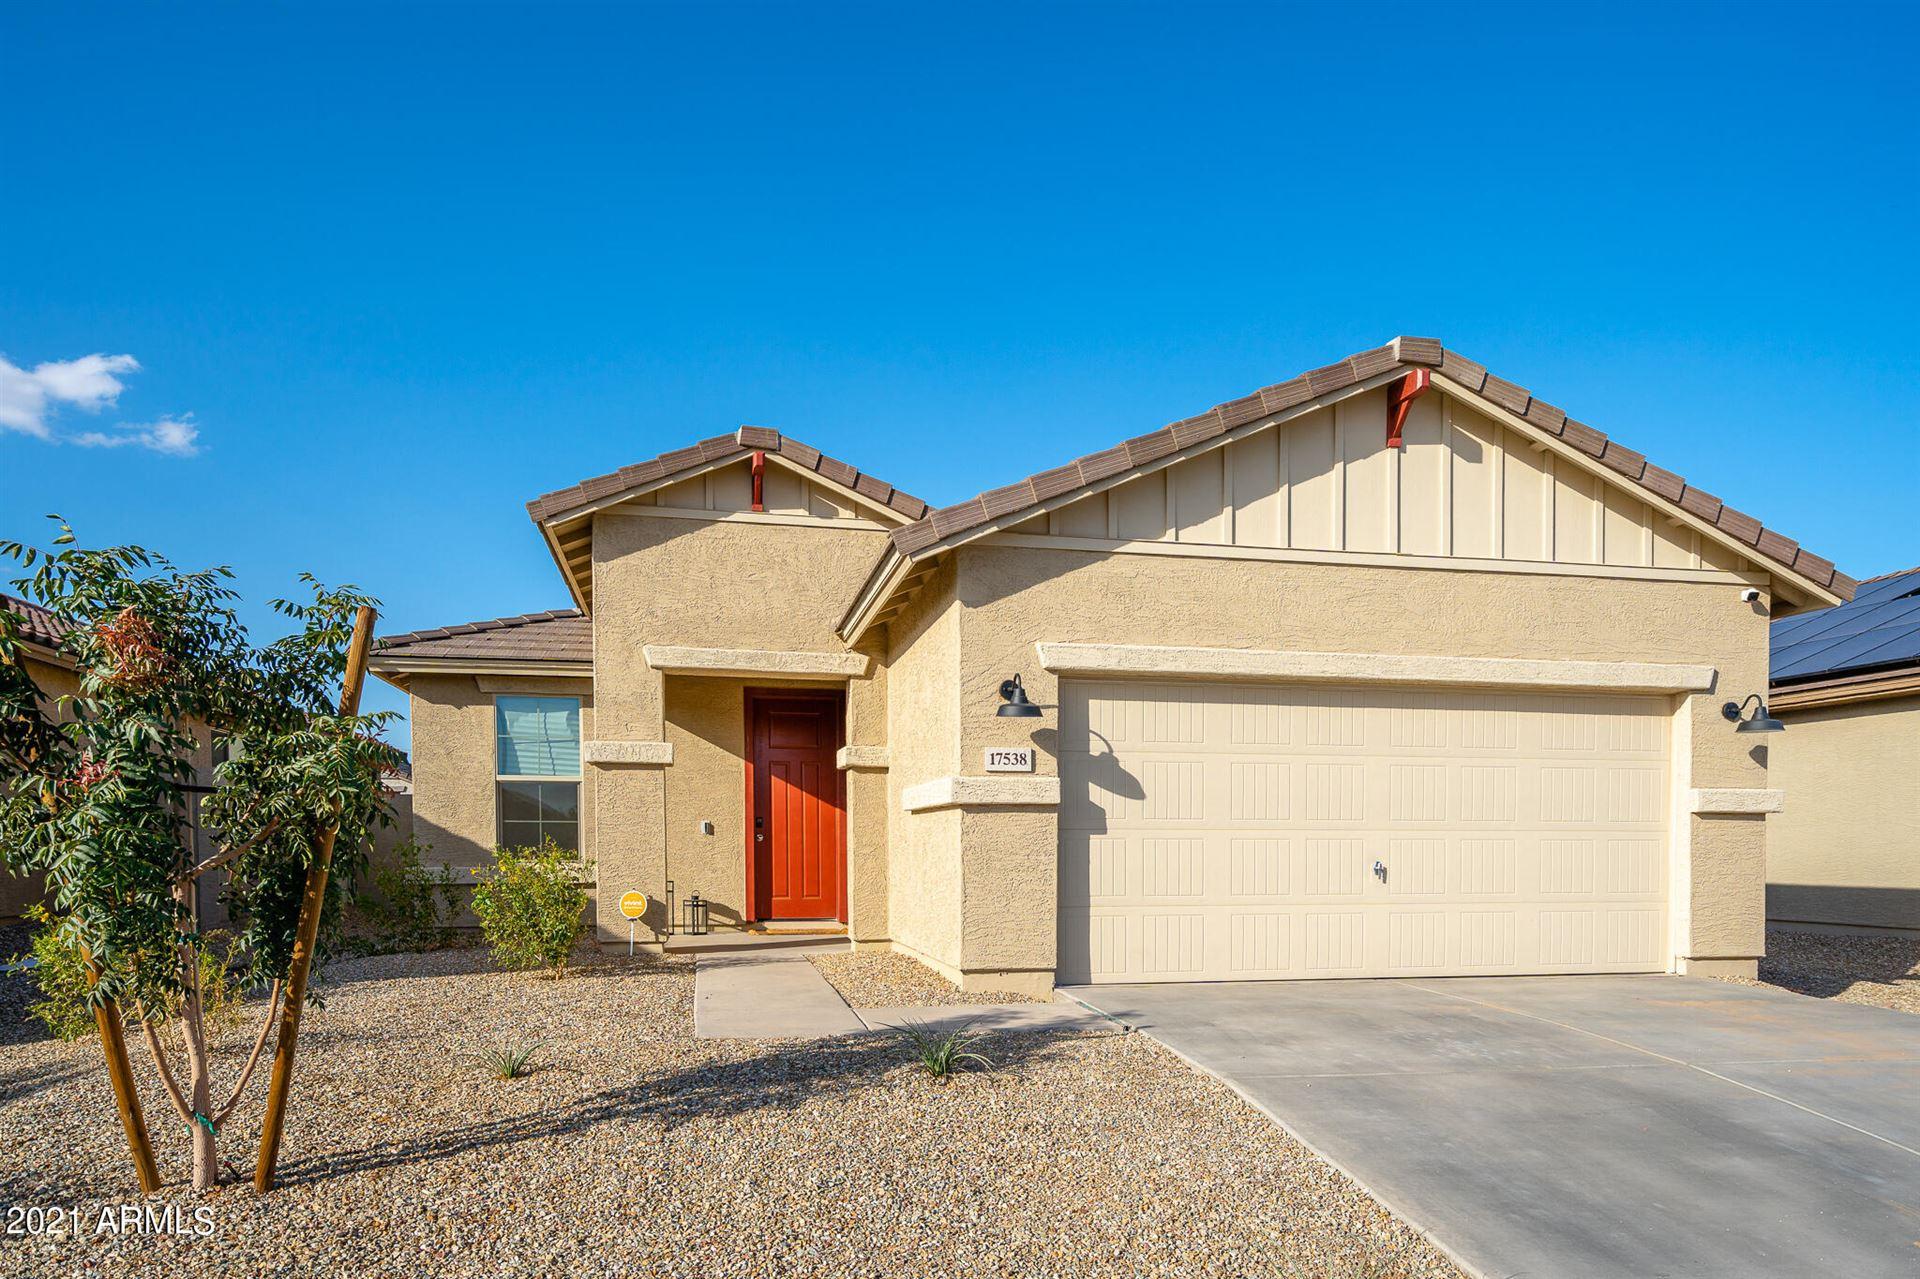 Photo of 17538 W VILLA HERMOSA Lane, Surprise, AZ 85387 (MLS # 6309842)